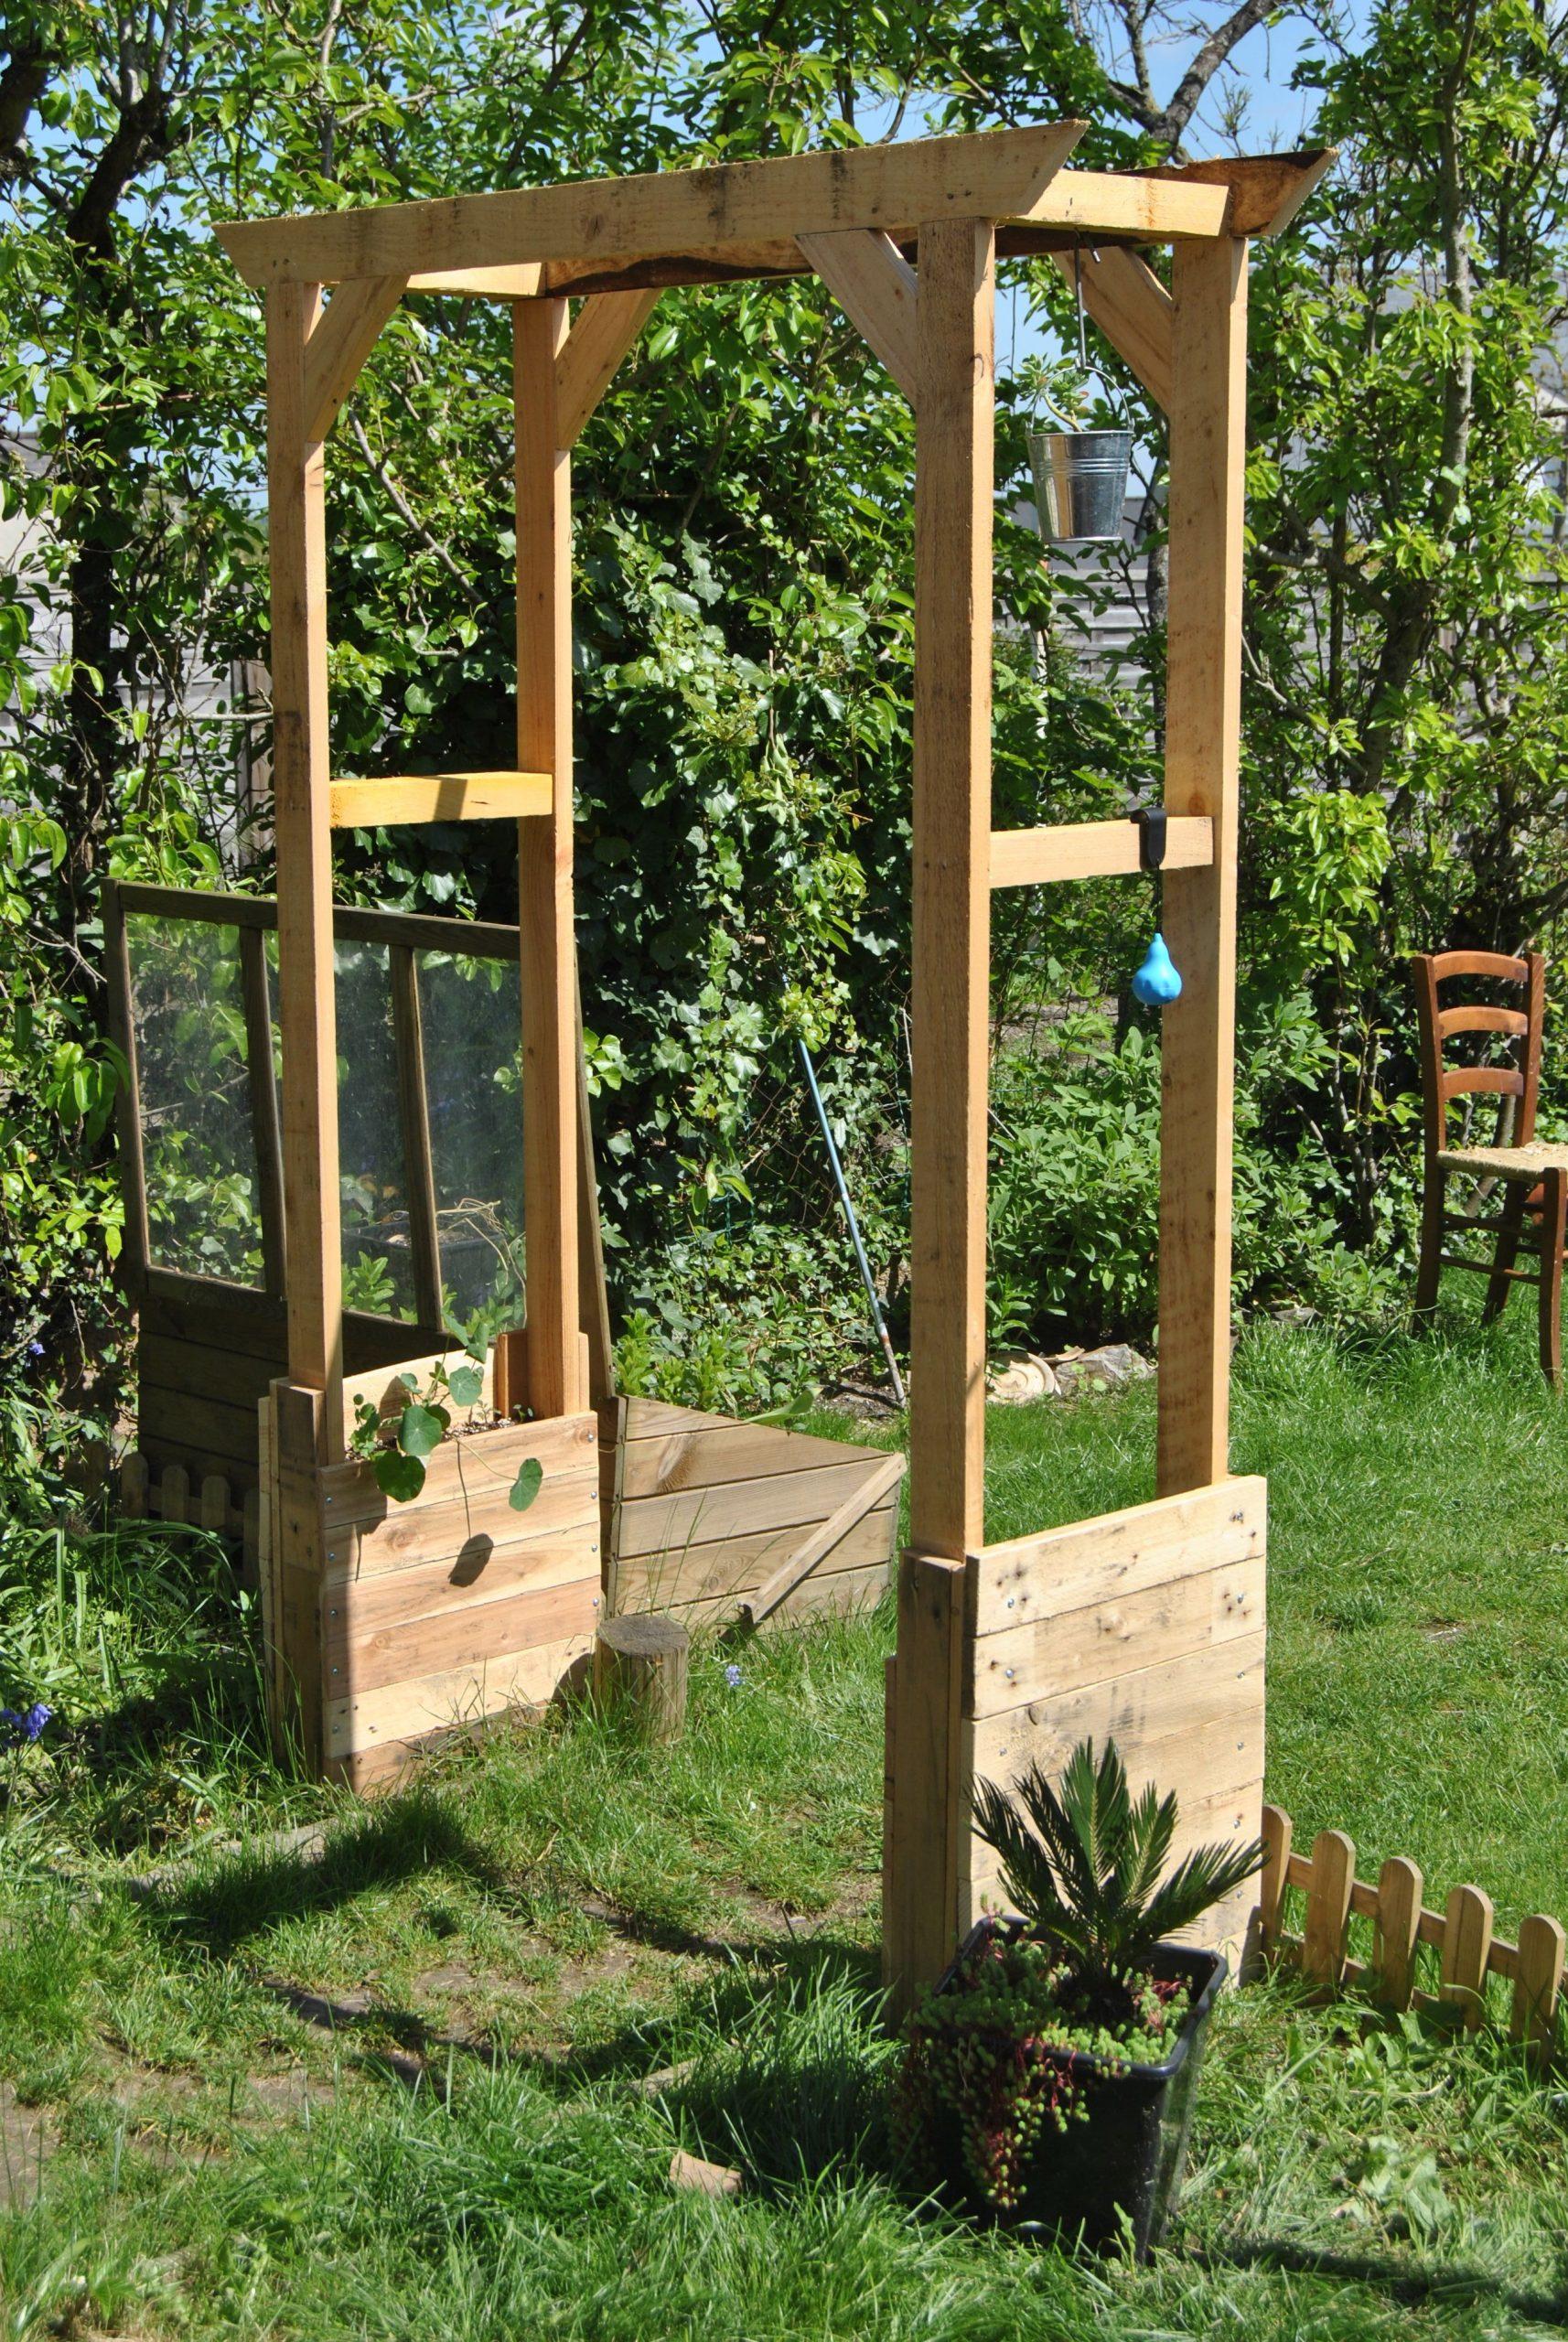 Votre Magazine Pour Le Bricolage Et Le Jardinage | Arche ... concernant Arche Pour Jardin